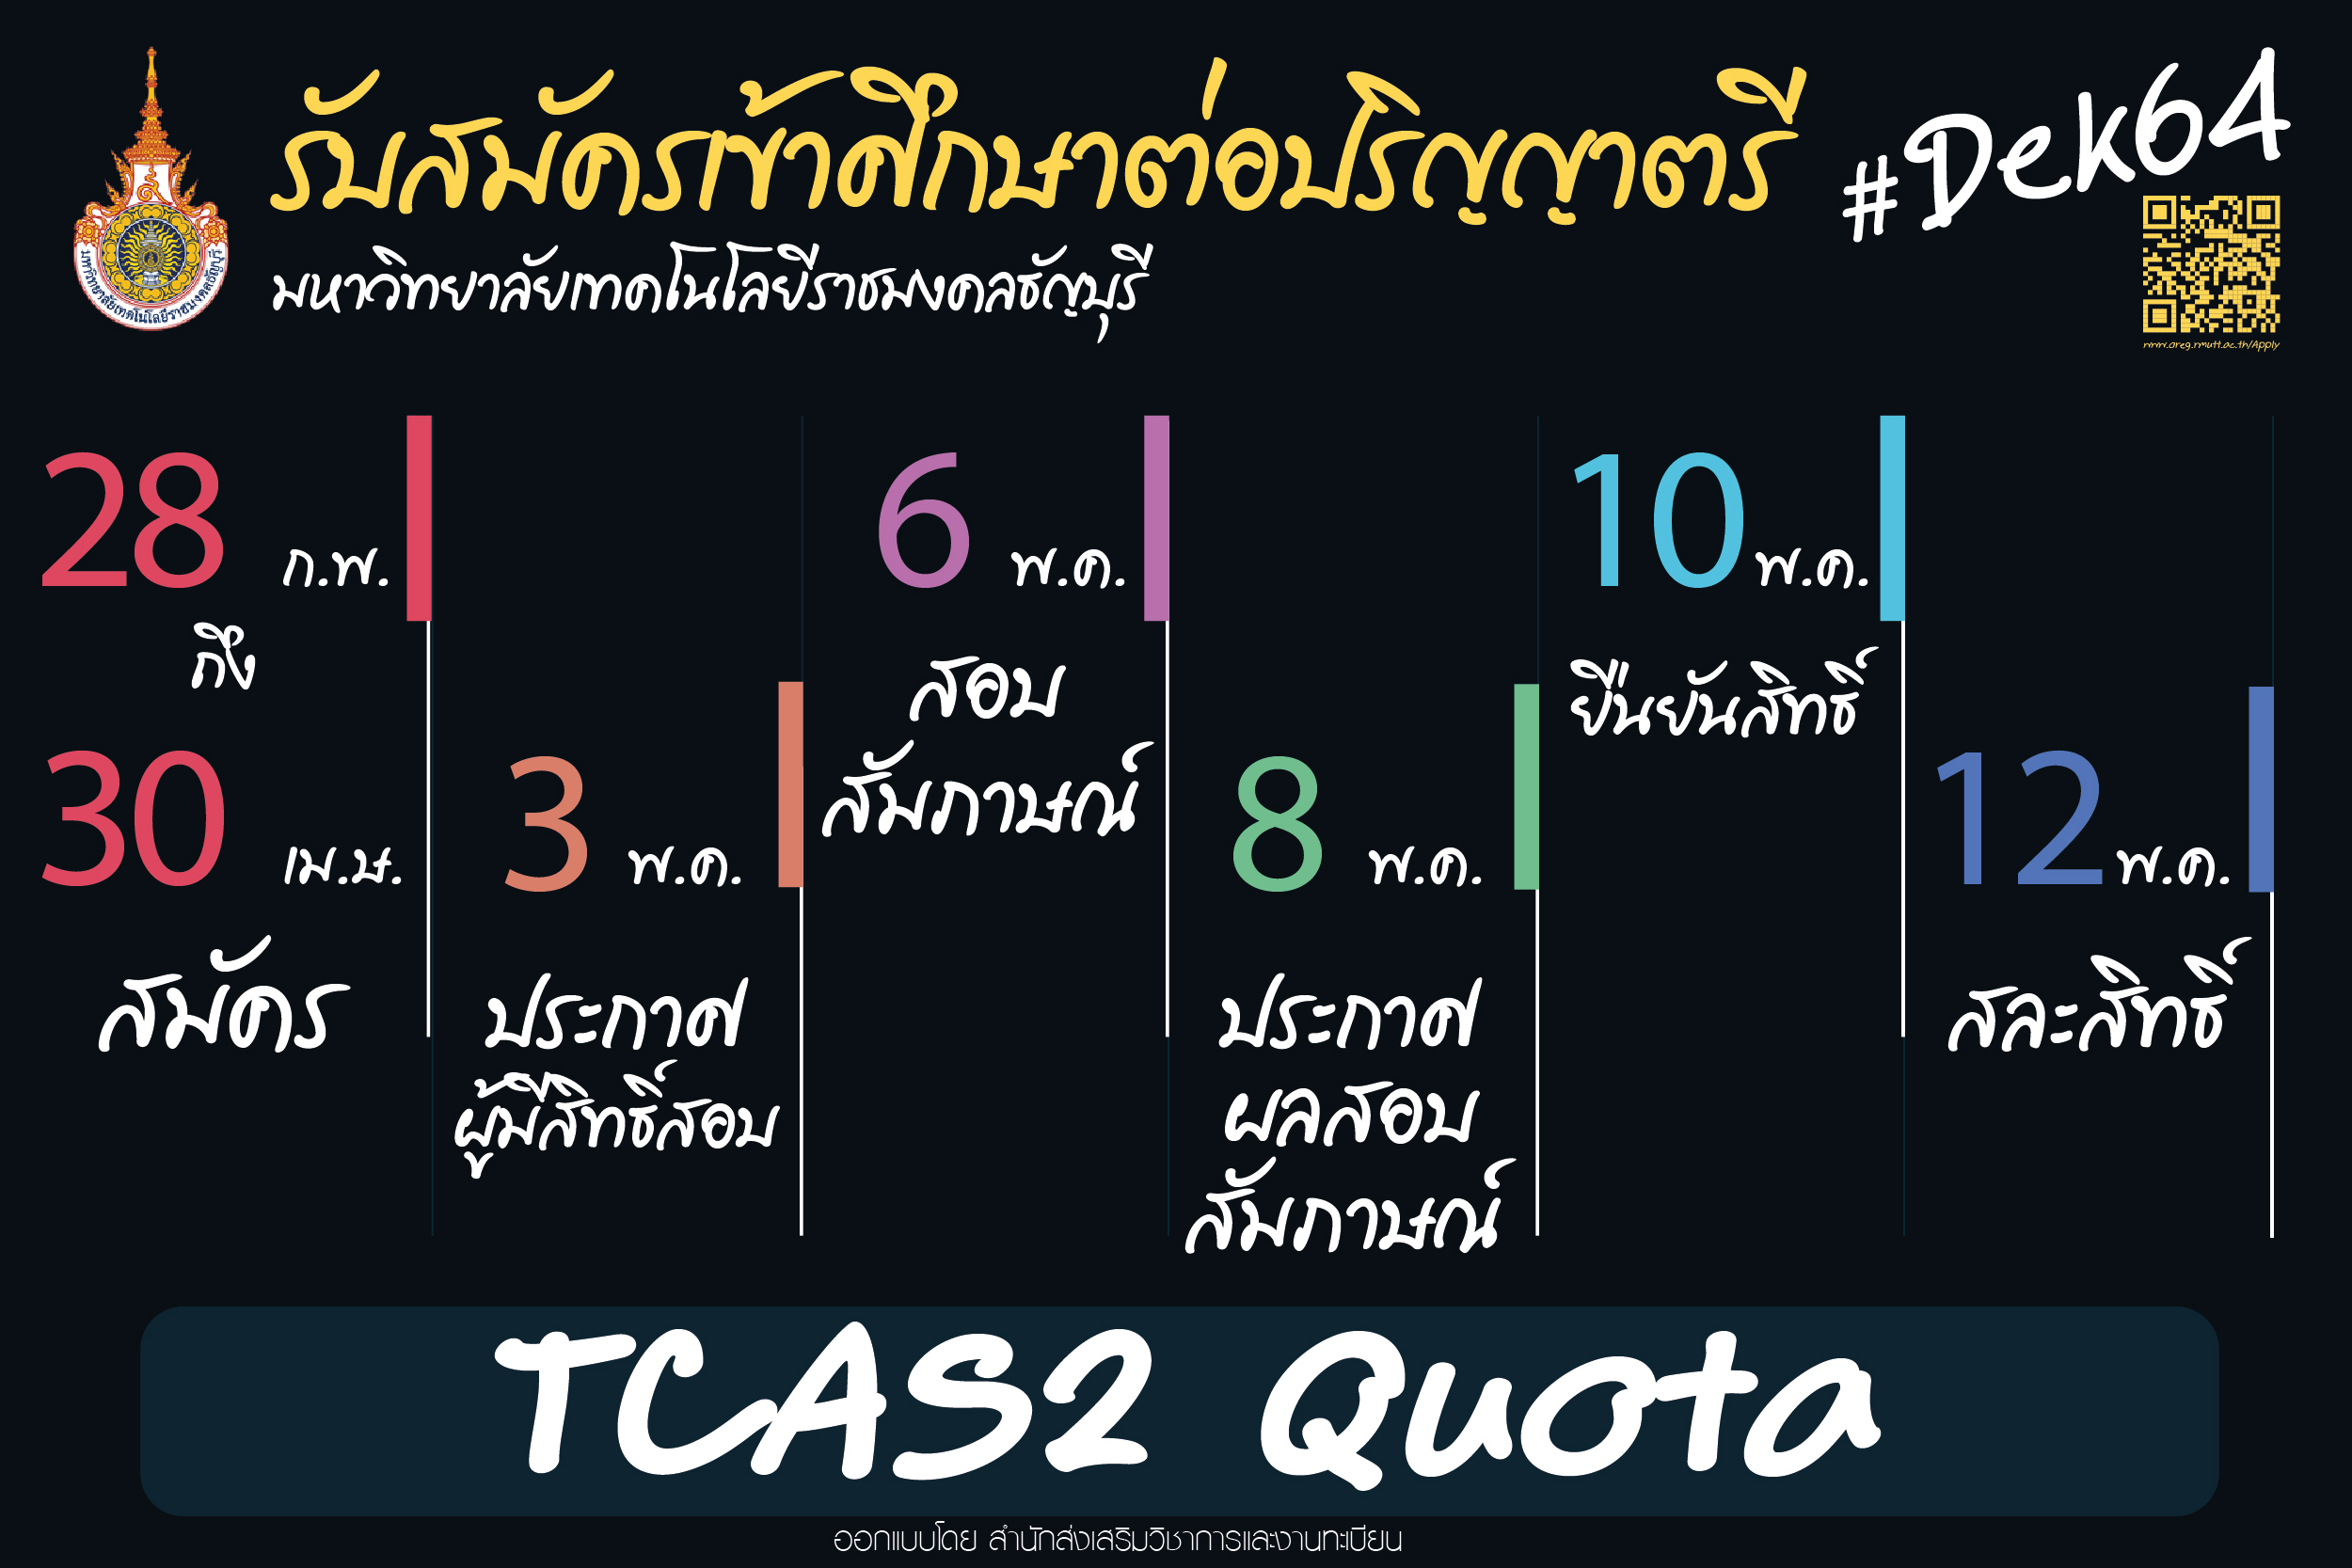 TCAS2-01